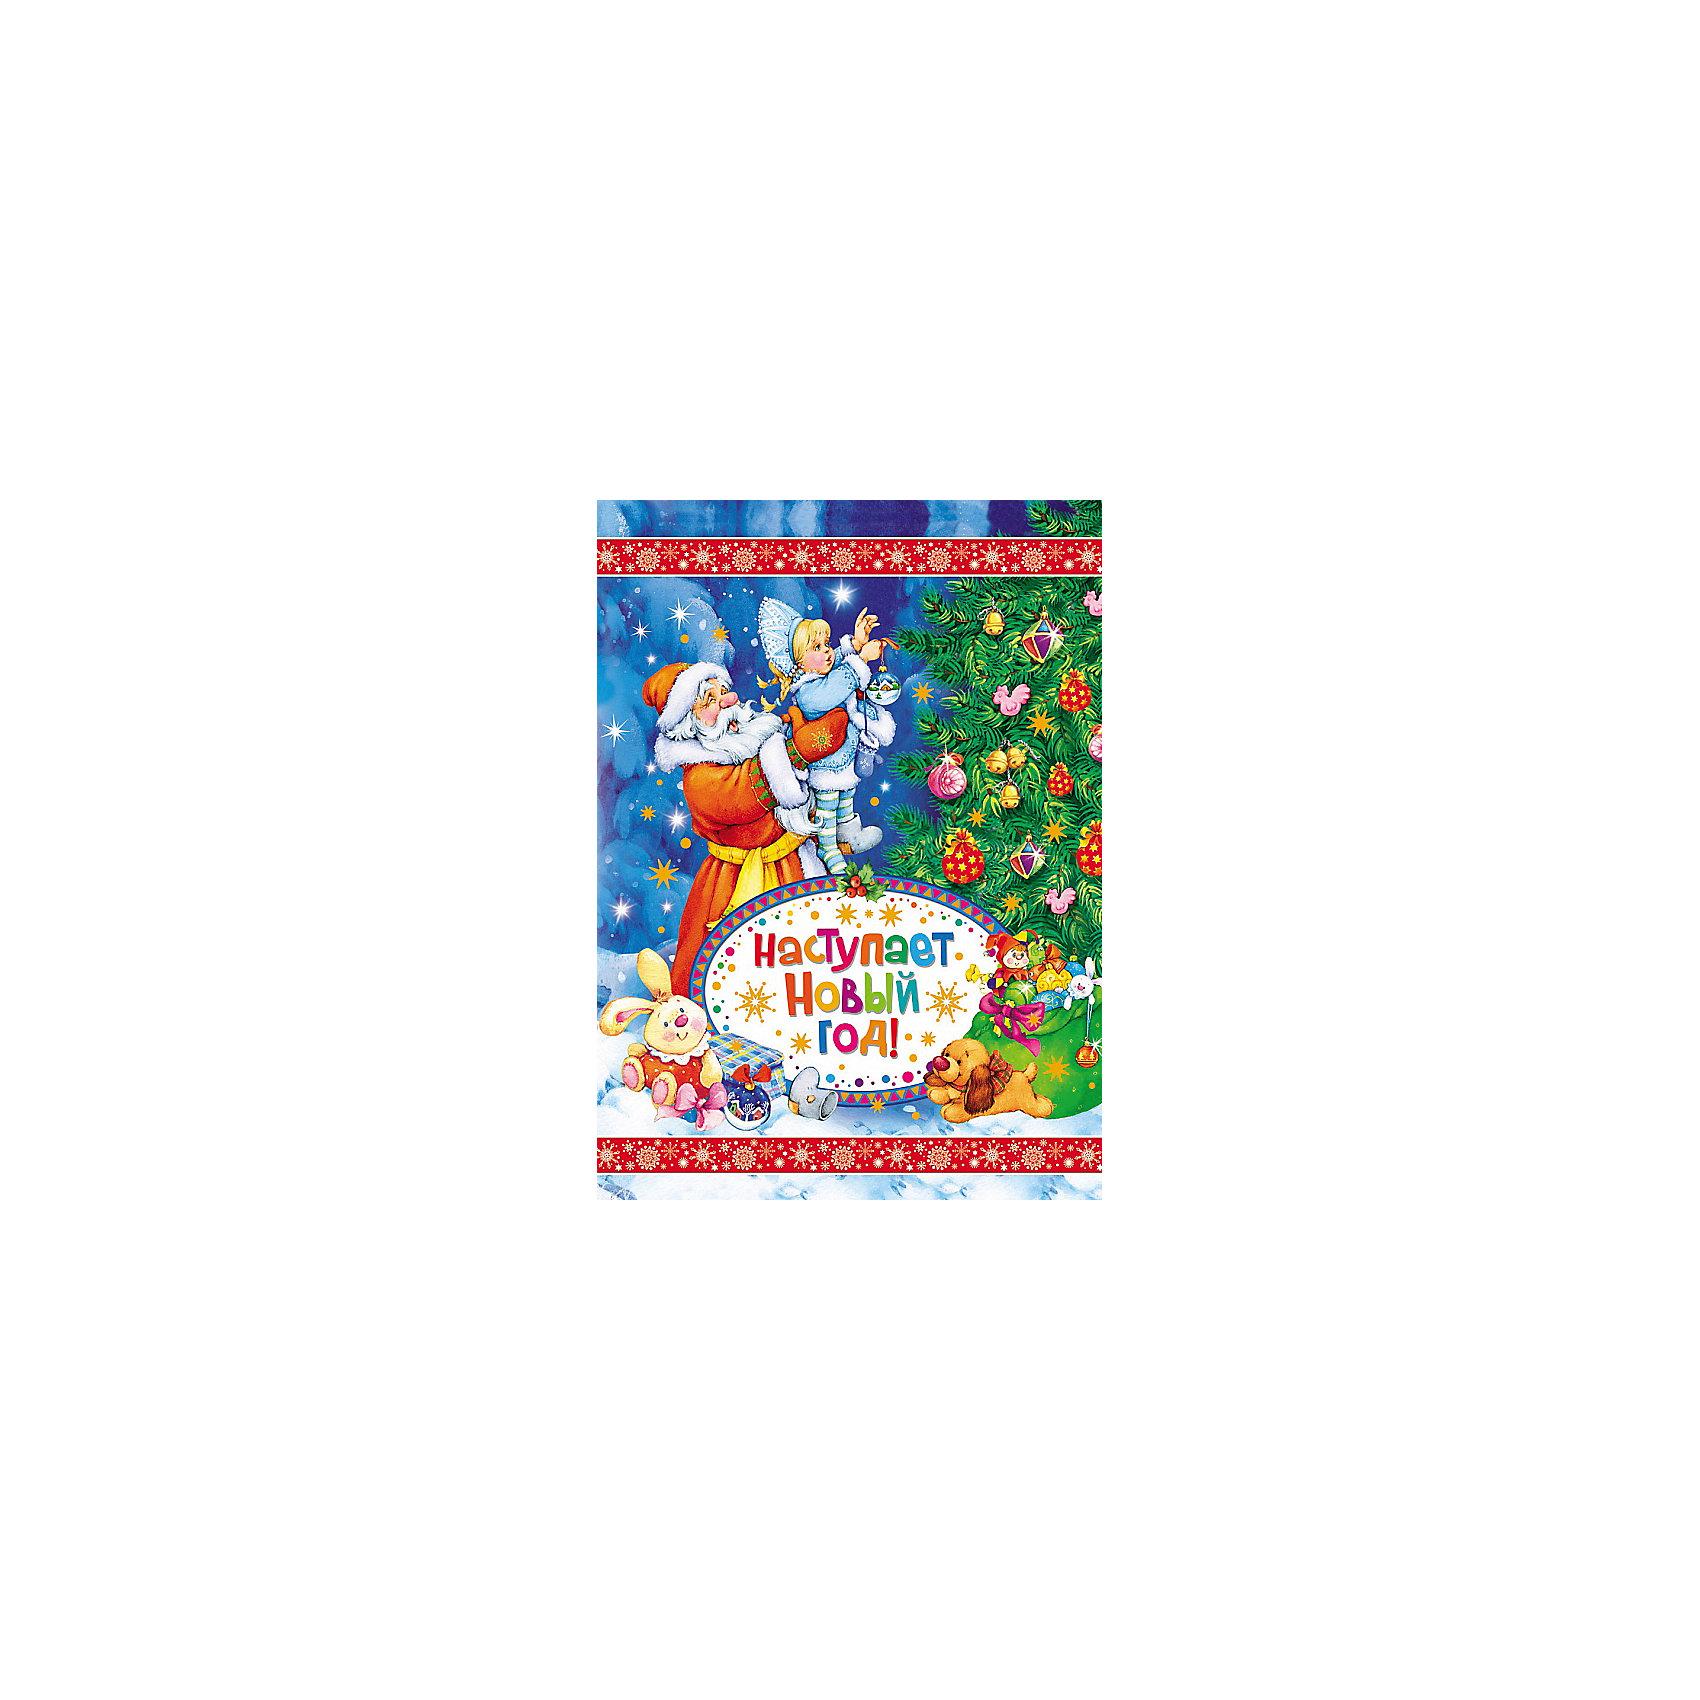 Сборник Наступает Новый годВ книгу вошли самые любимые зимние стихи и сказки про Деда Мороза, Снегурочку и новогодние чудеса. А благодаря великолепным иллюстрациям книга станет отличным новогодним подарком, которому, несомненно, порадуется каждый ребенок.&#13;<br><br>Дополнительная информация: <br><br>- Иллюстрации: цветные.<br>- Формат: 20х26  см.<br>- Переплет: твердый.<br>- Количество страниц: 48 <br><br>Сборник Наступает Новый год можно купить в нашем магазине.<br><br>Ширина мм: 263<br>Глубина мм: 200<br>Высота мм: 7<br>Вес г: 284<br>Возраст от месяцев: 12<br>Возраст до месяцев: 72<br>Пол: Унисекс<br>Возраст: Детский<br>SKU: 4323878